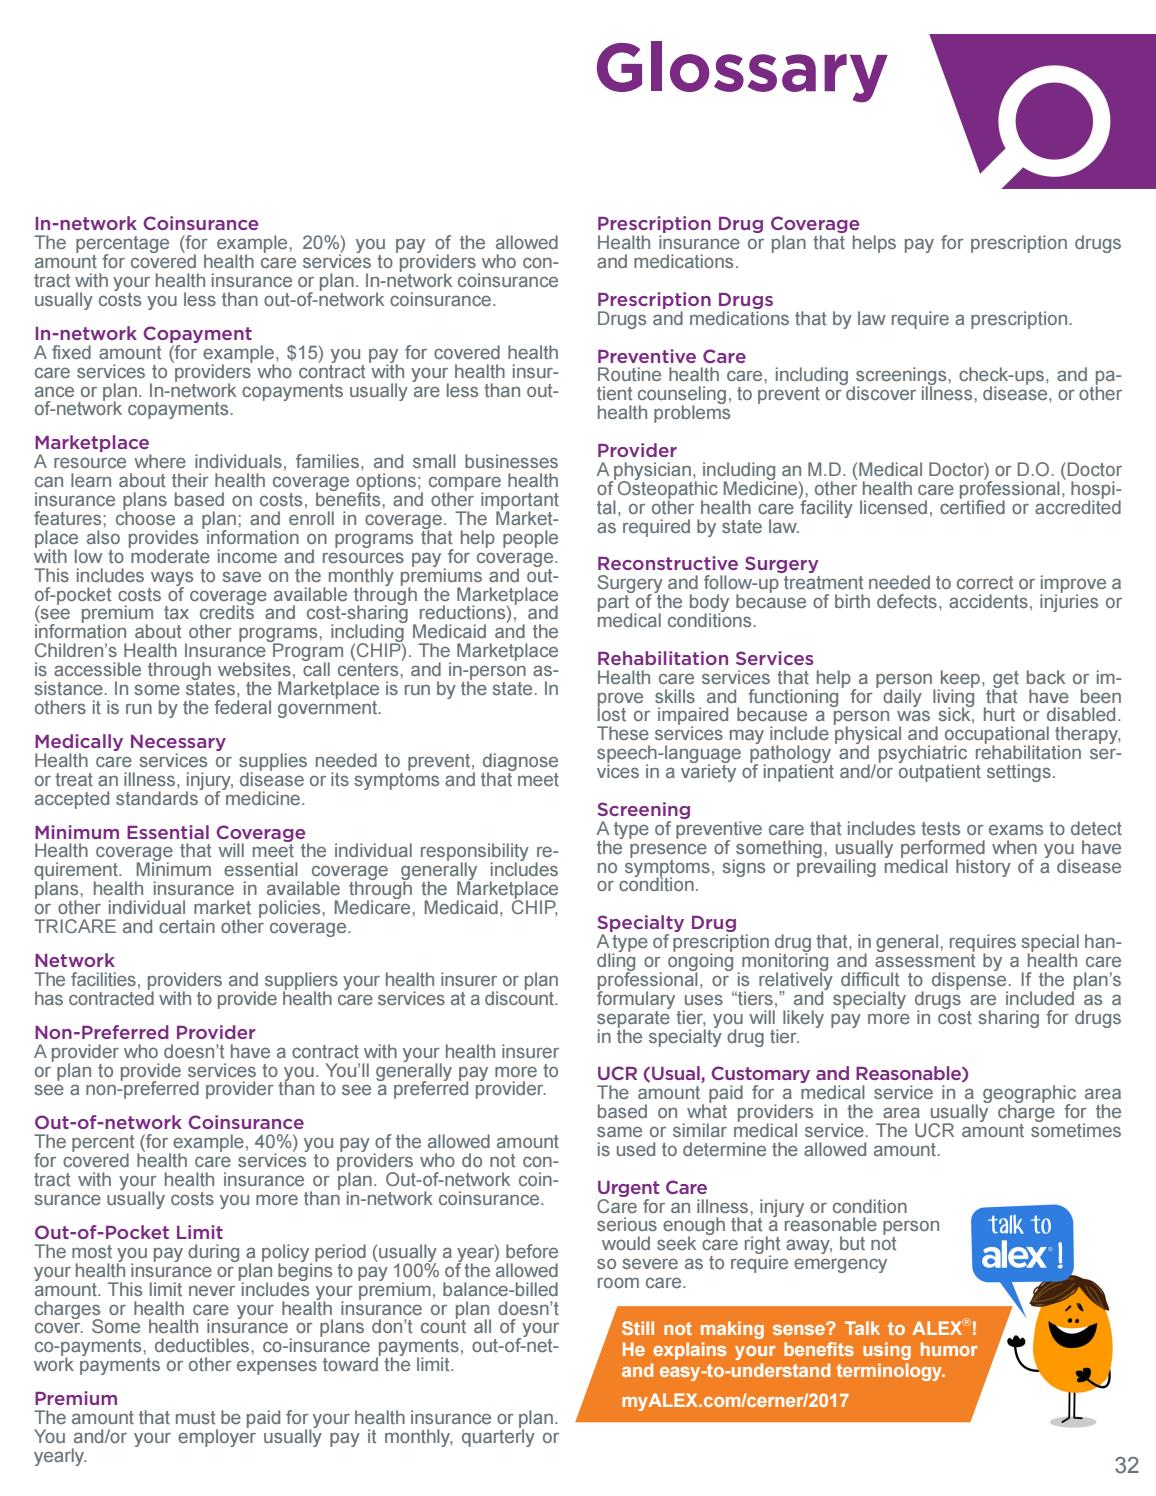 2017 United States Cerner Benefits Brochure by